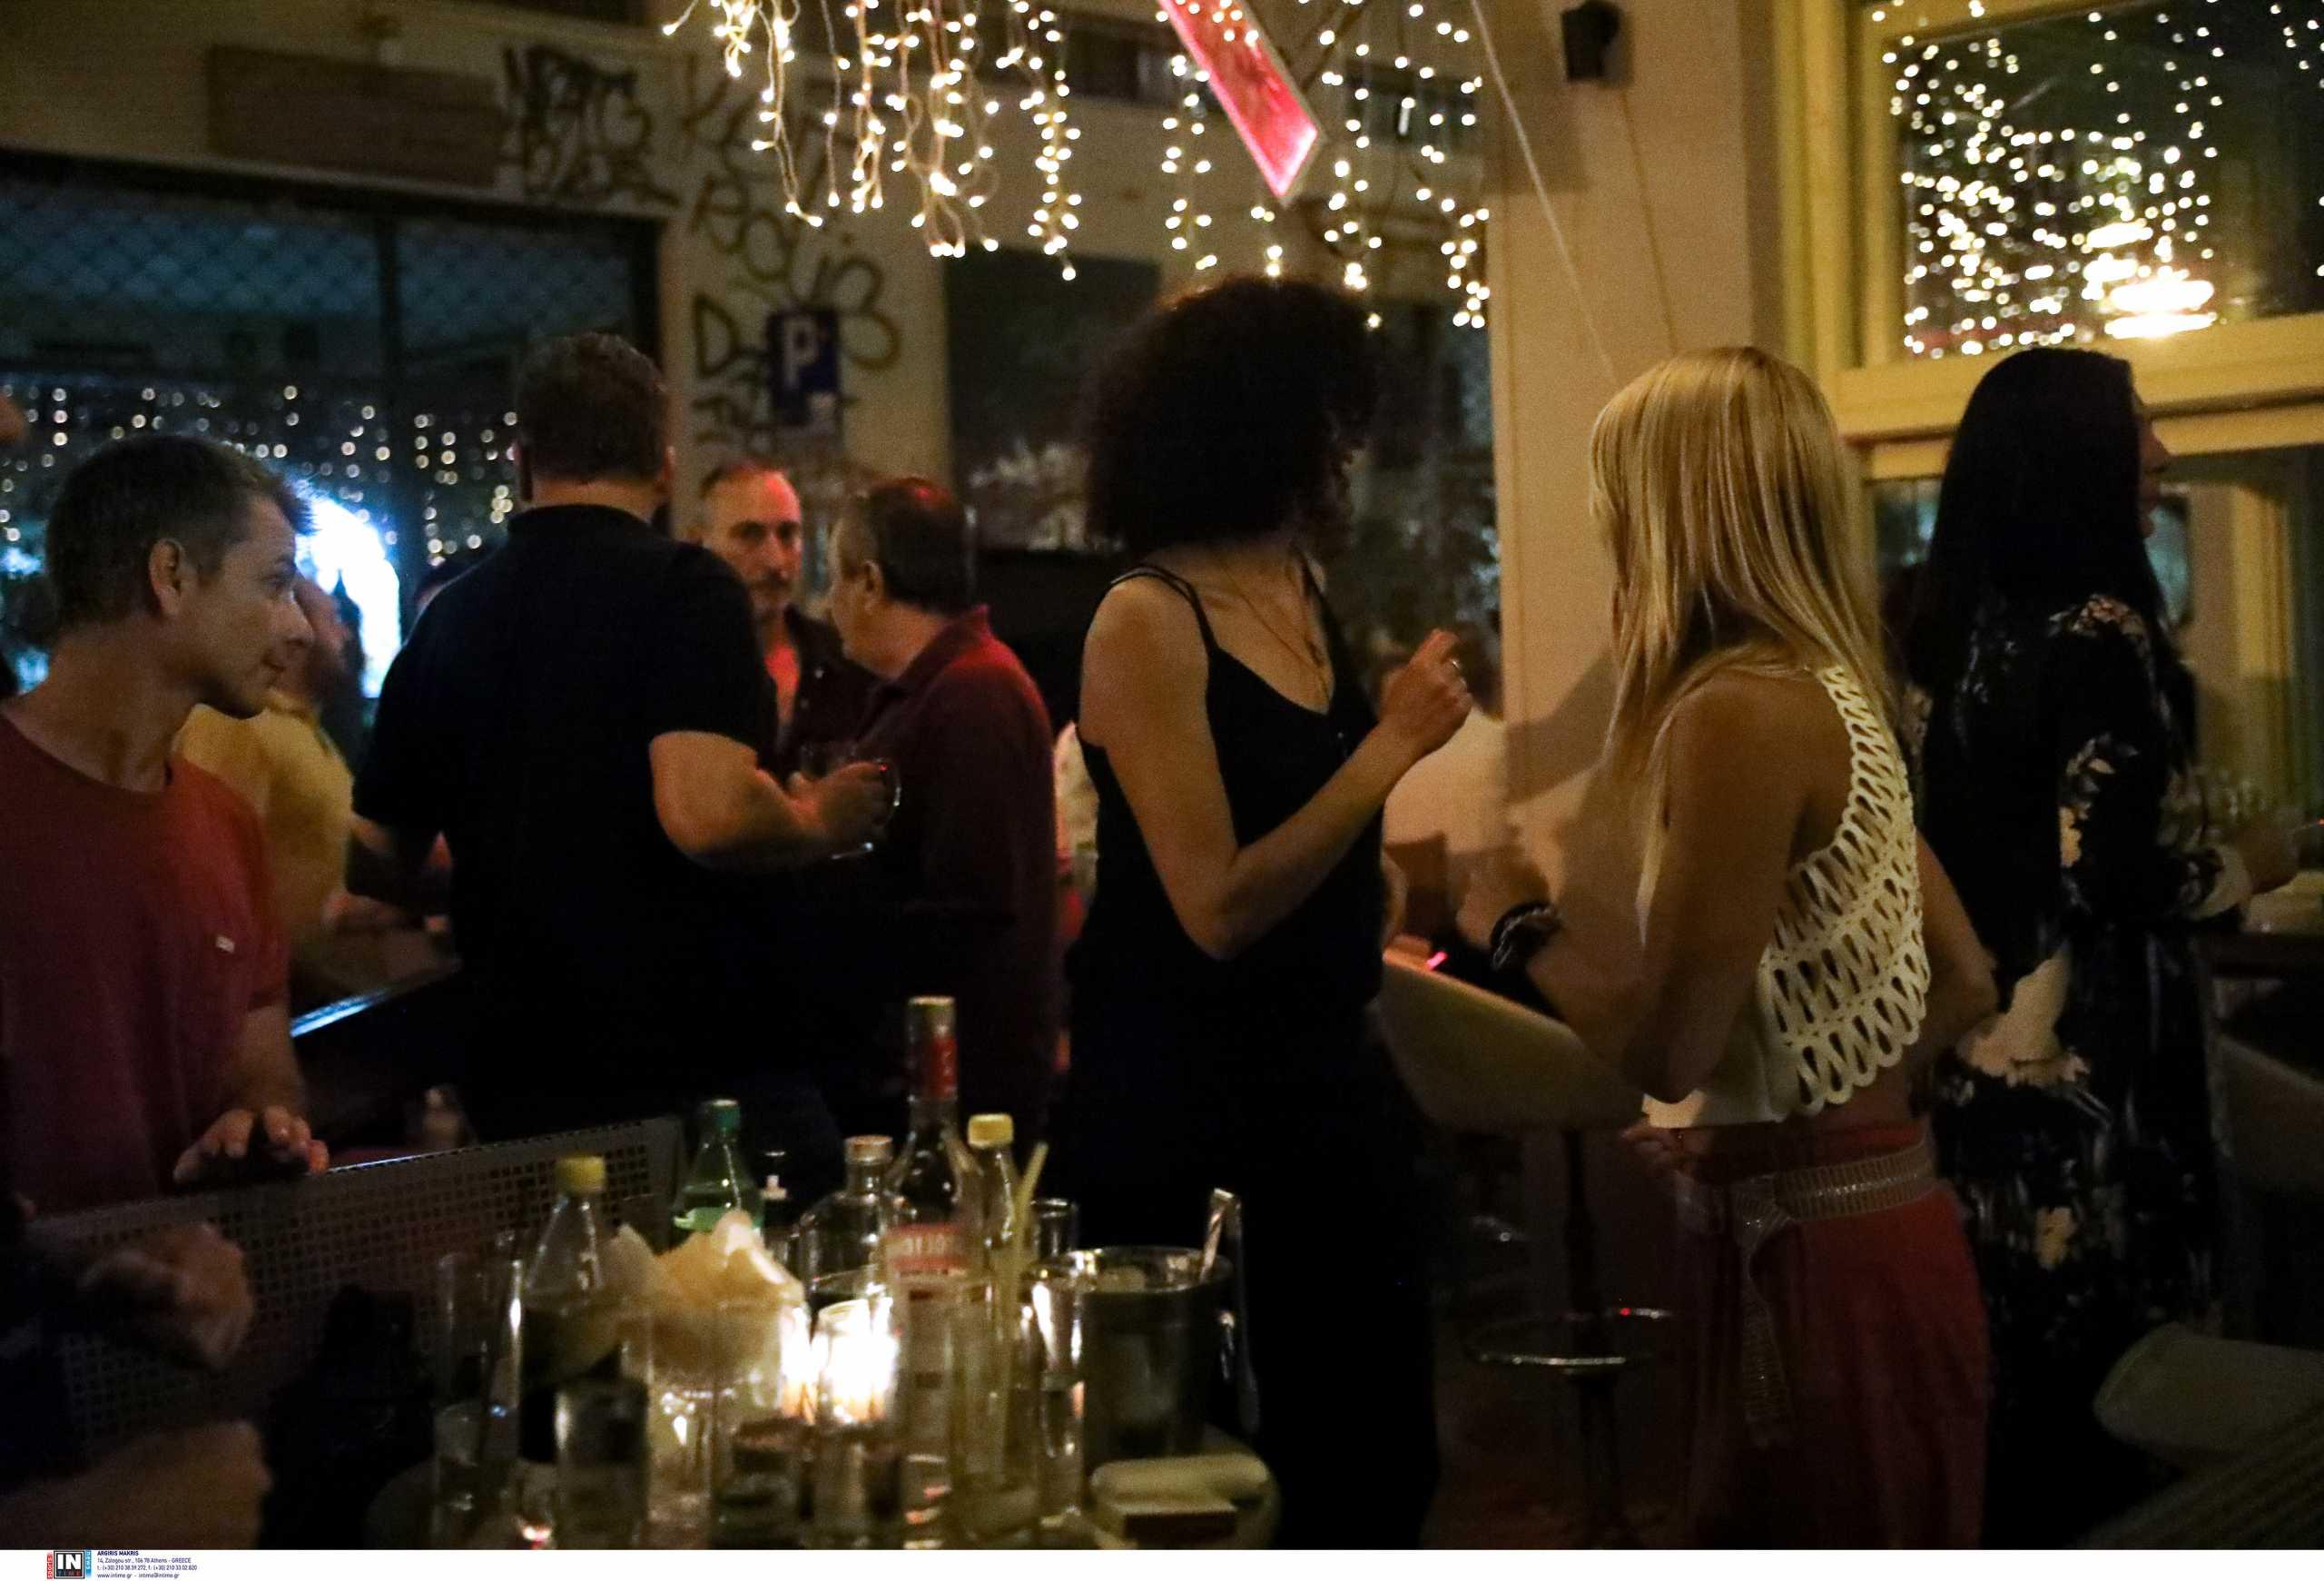 Νέα μέτρα: Διασκέδαση μόνο για καθήμενους, γάμοι με χορό μόνο για ζευγάρι και… πεθερικά